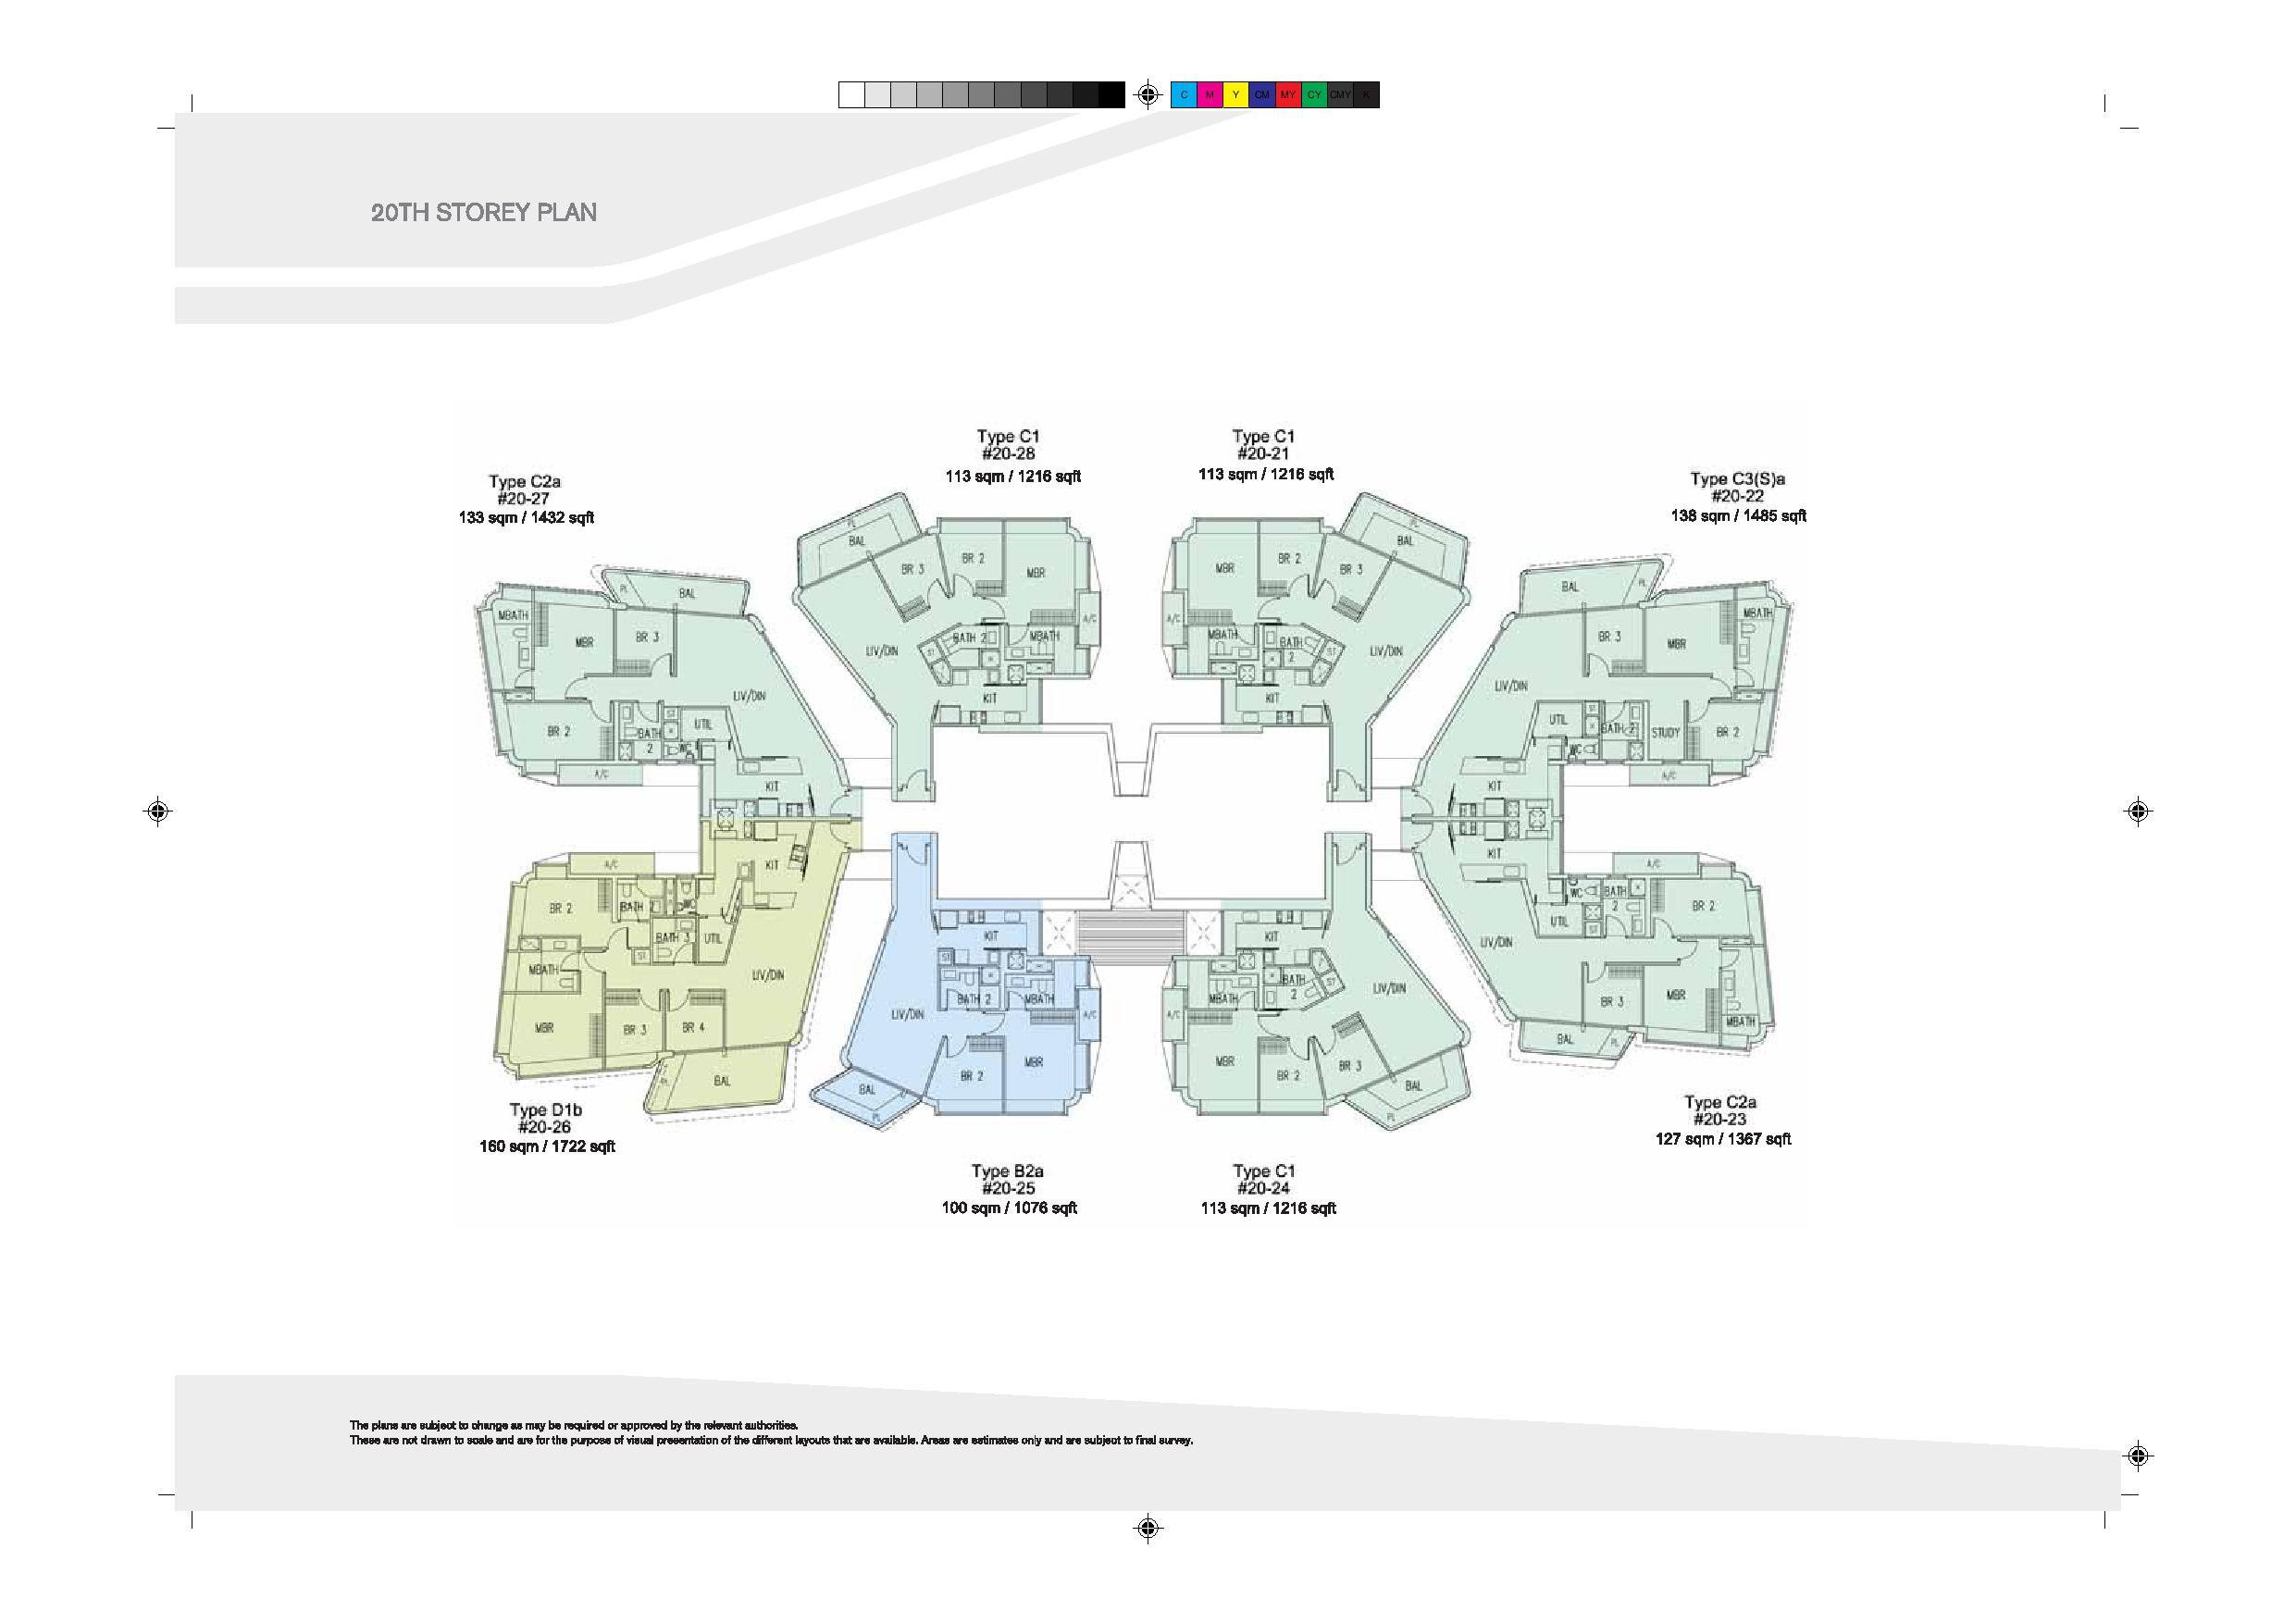 D'Leedon Block 9 20th Level Floor Plans